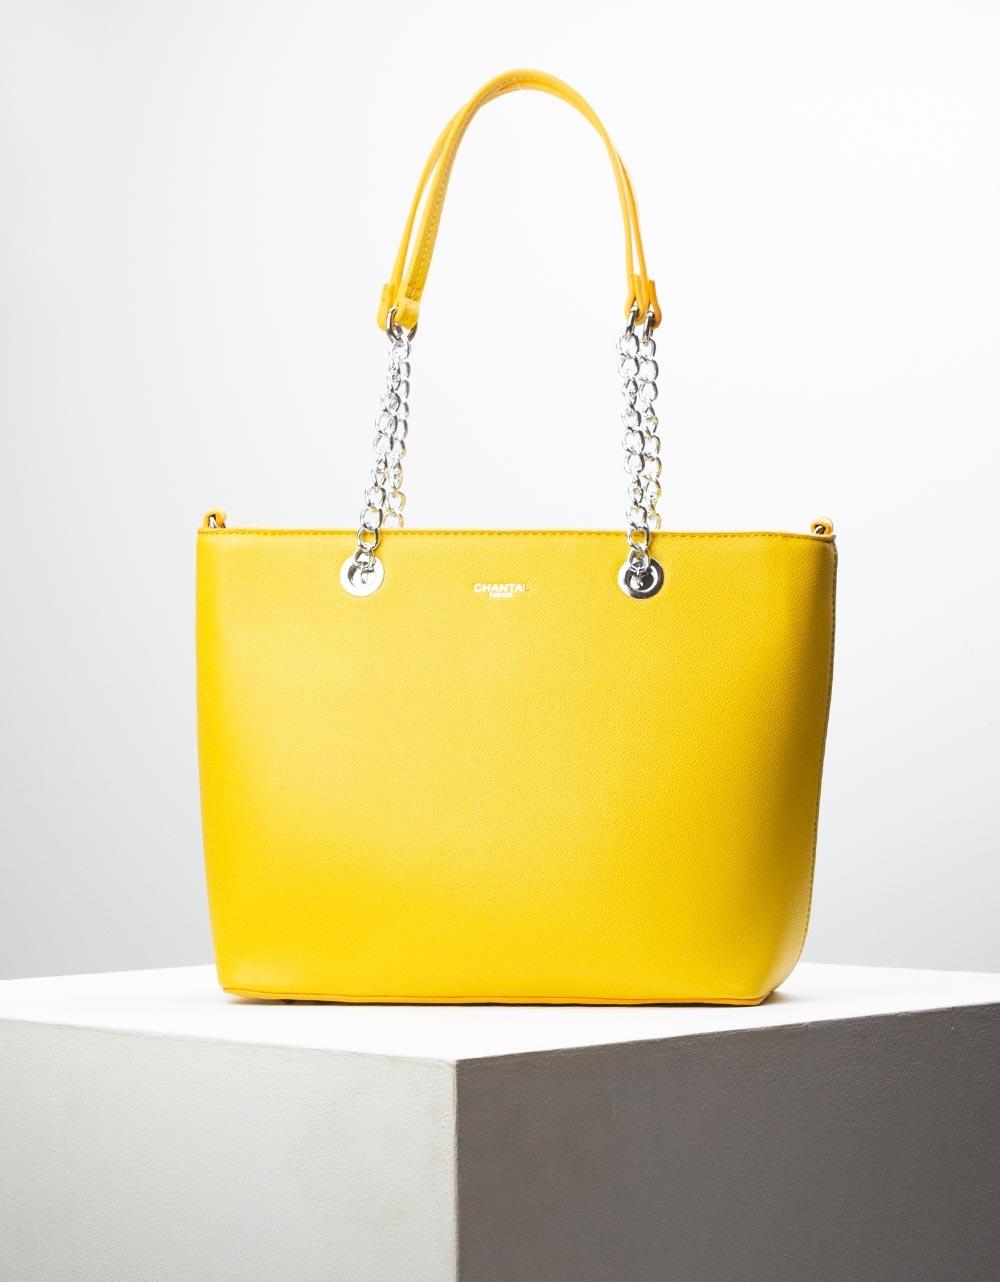 Εικόνα από Γυναικεία τσάντα ώμου με λουράκι χιαστί Κίτρινο